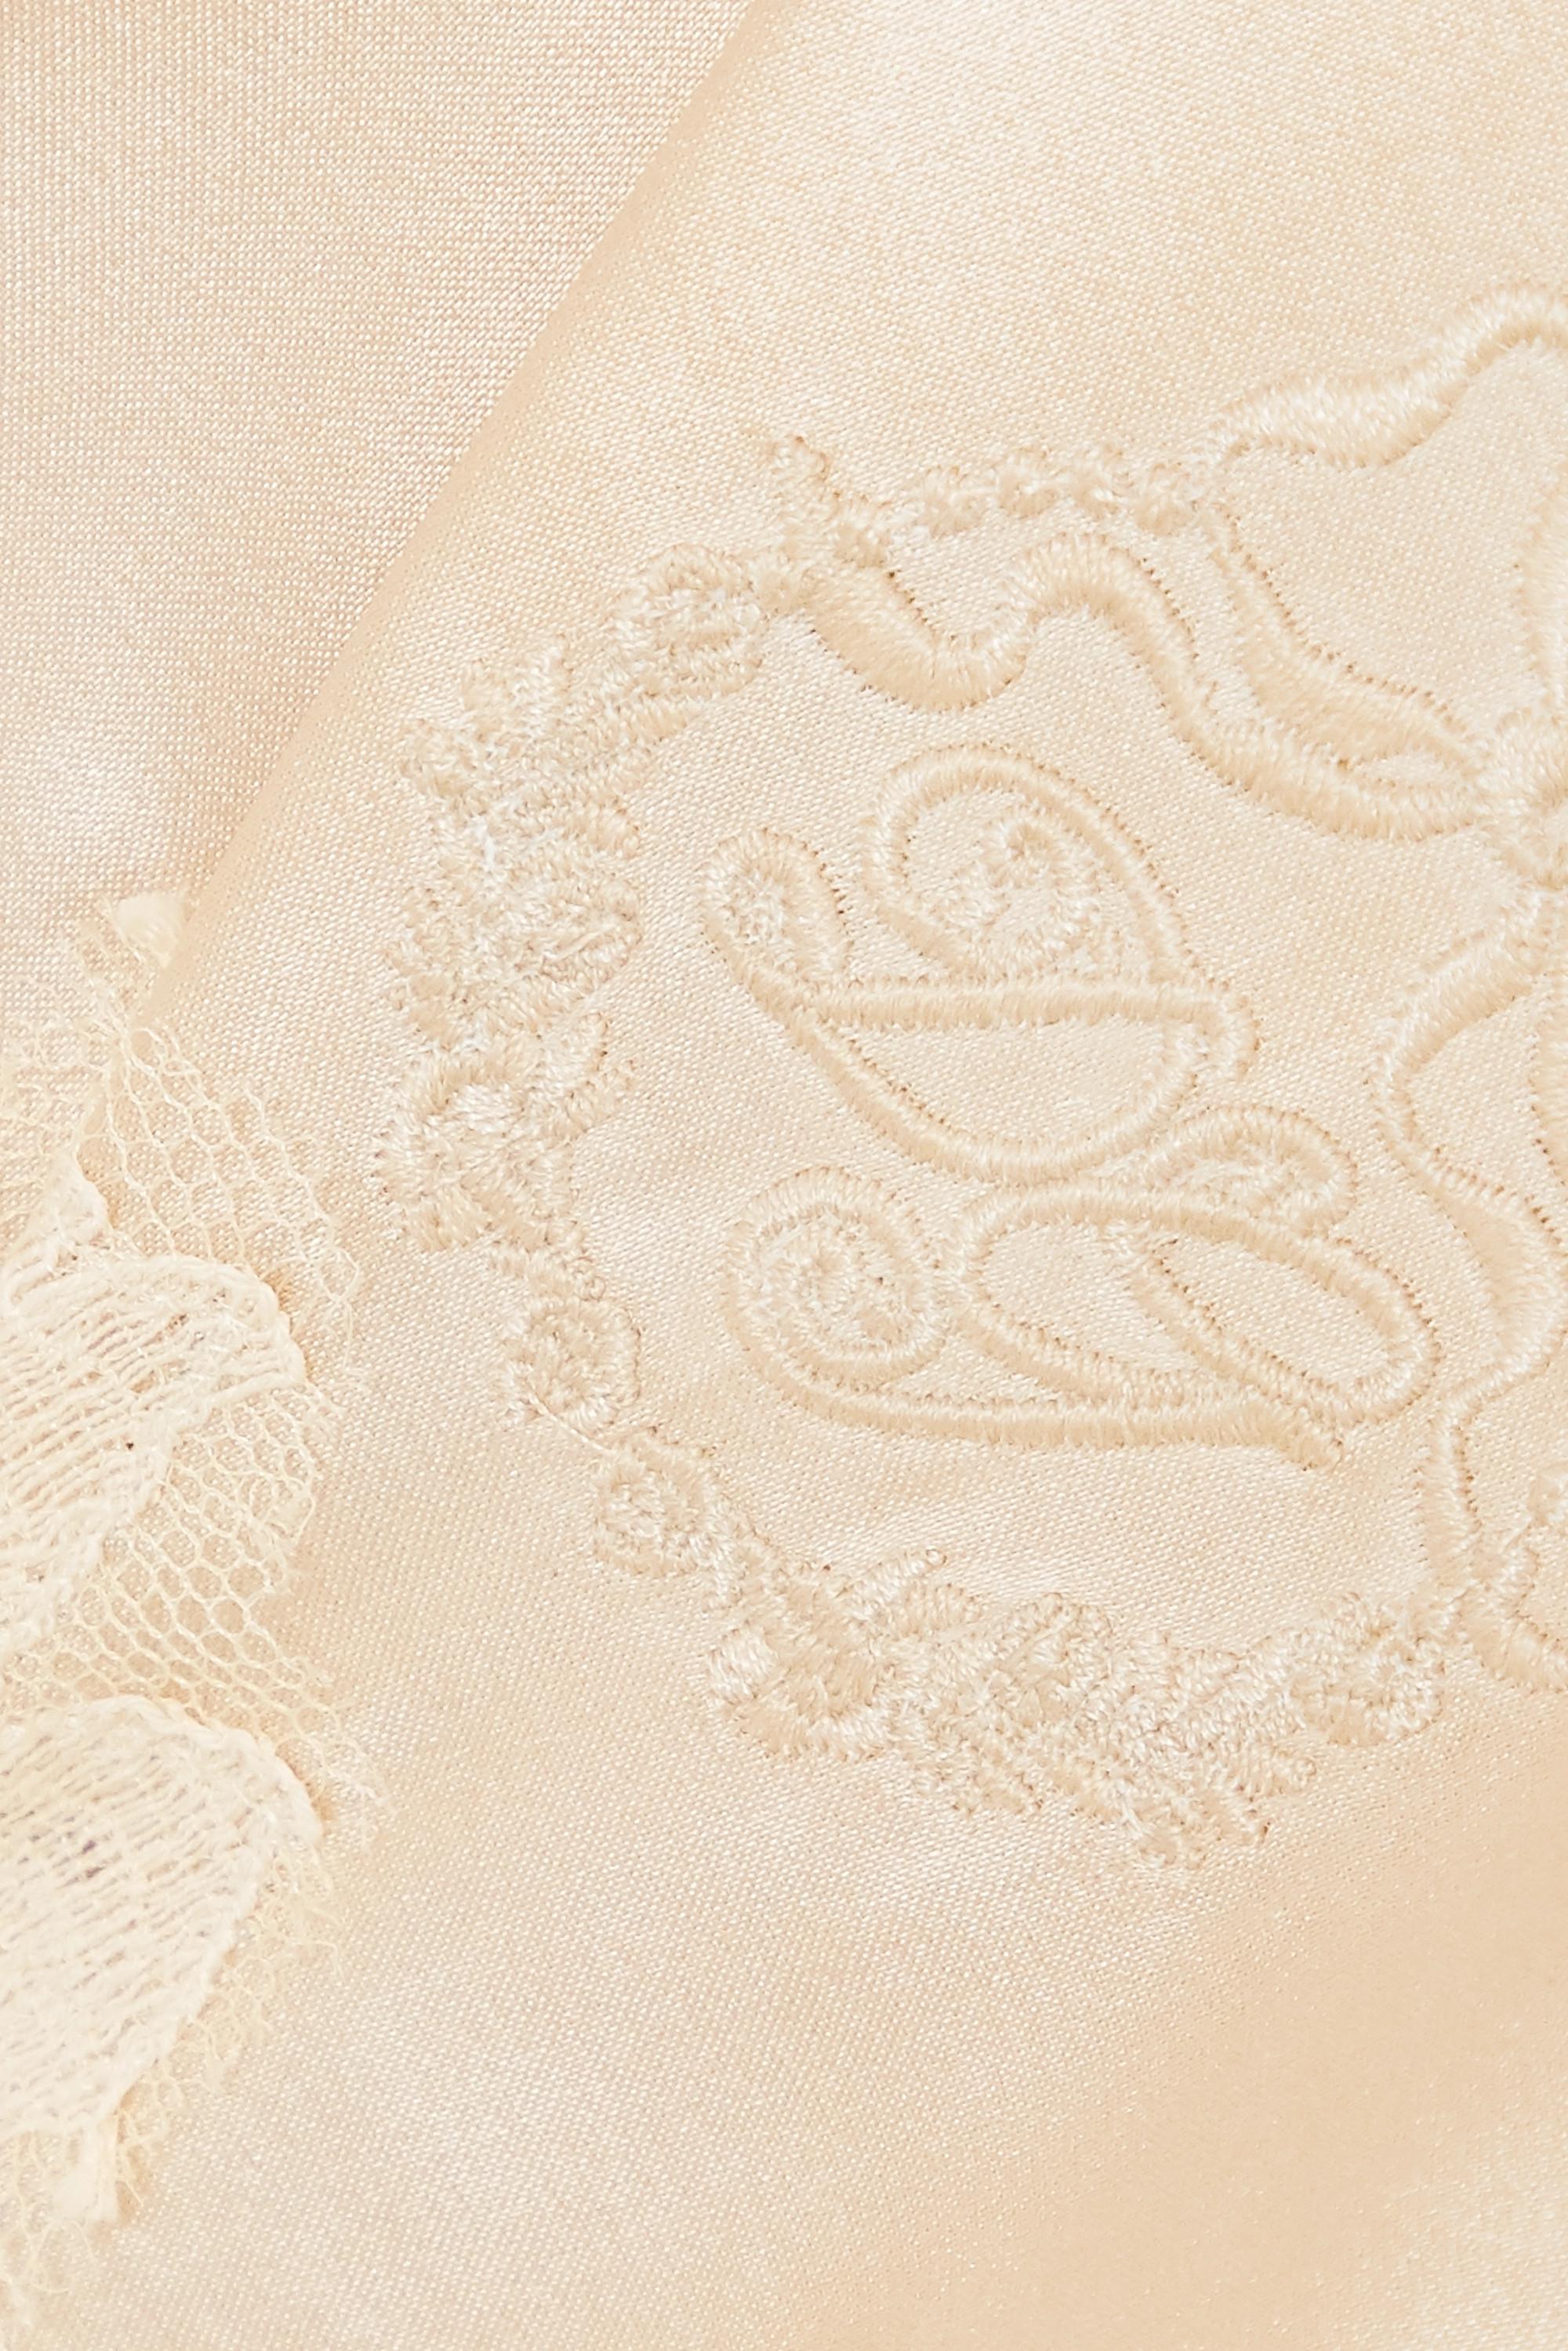 Dolce & Gabbana Top aus besticktem Satin aus einer Seidenmischung mit Spitzenbesätzen